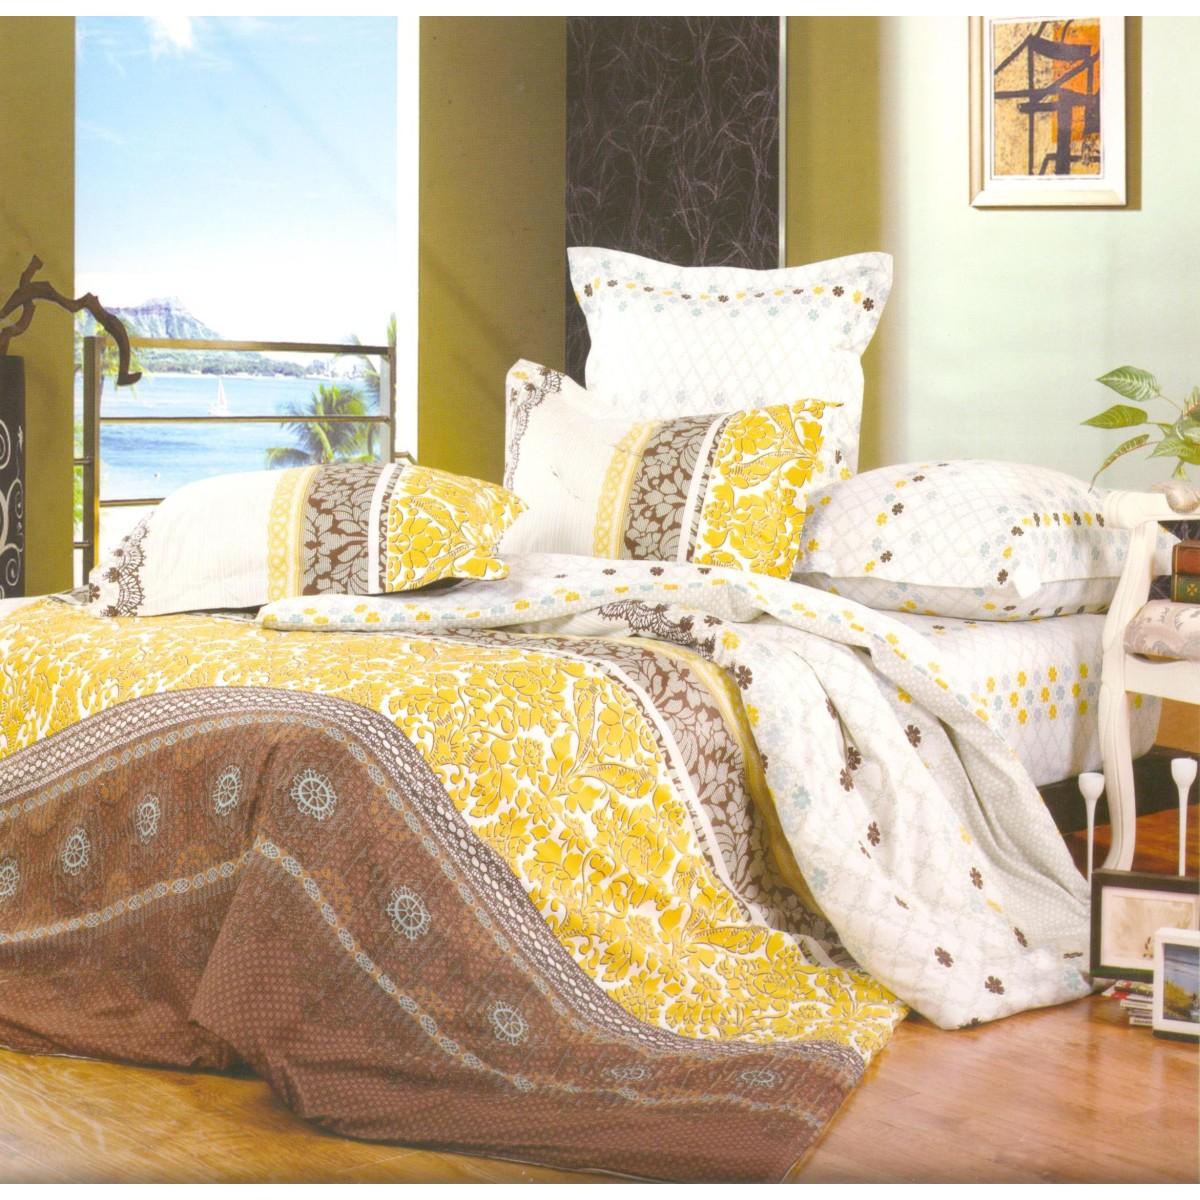 Комплект Постельного Белья Sailid Евро Сатин 50x70 70x70